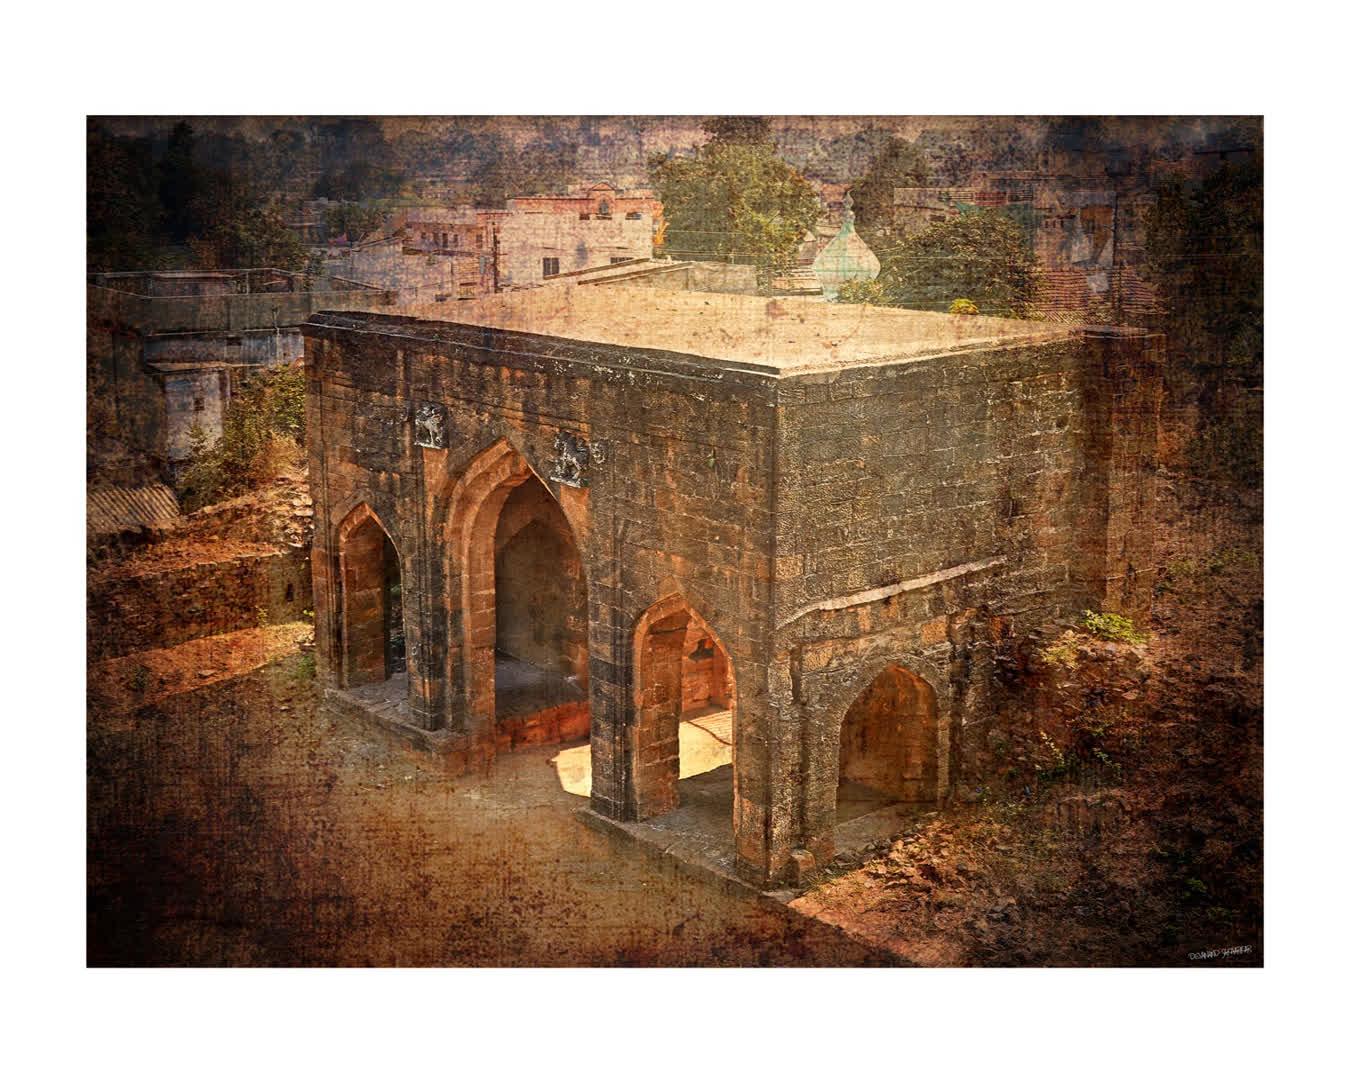 अपनी शिनाख़्त की तलाश में है बल्लारपुर की गोंड विरासत